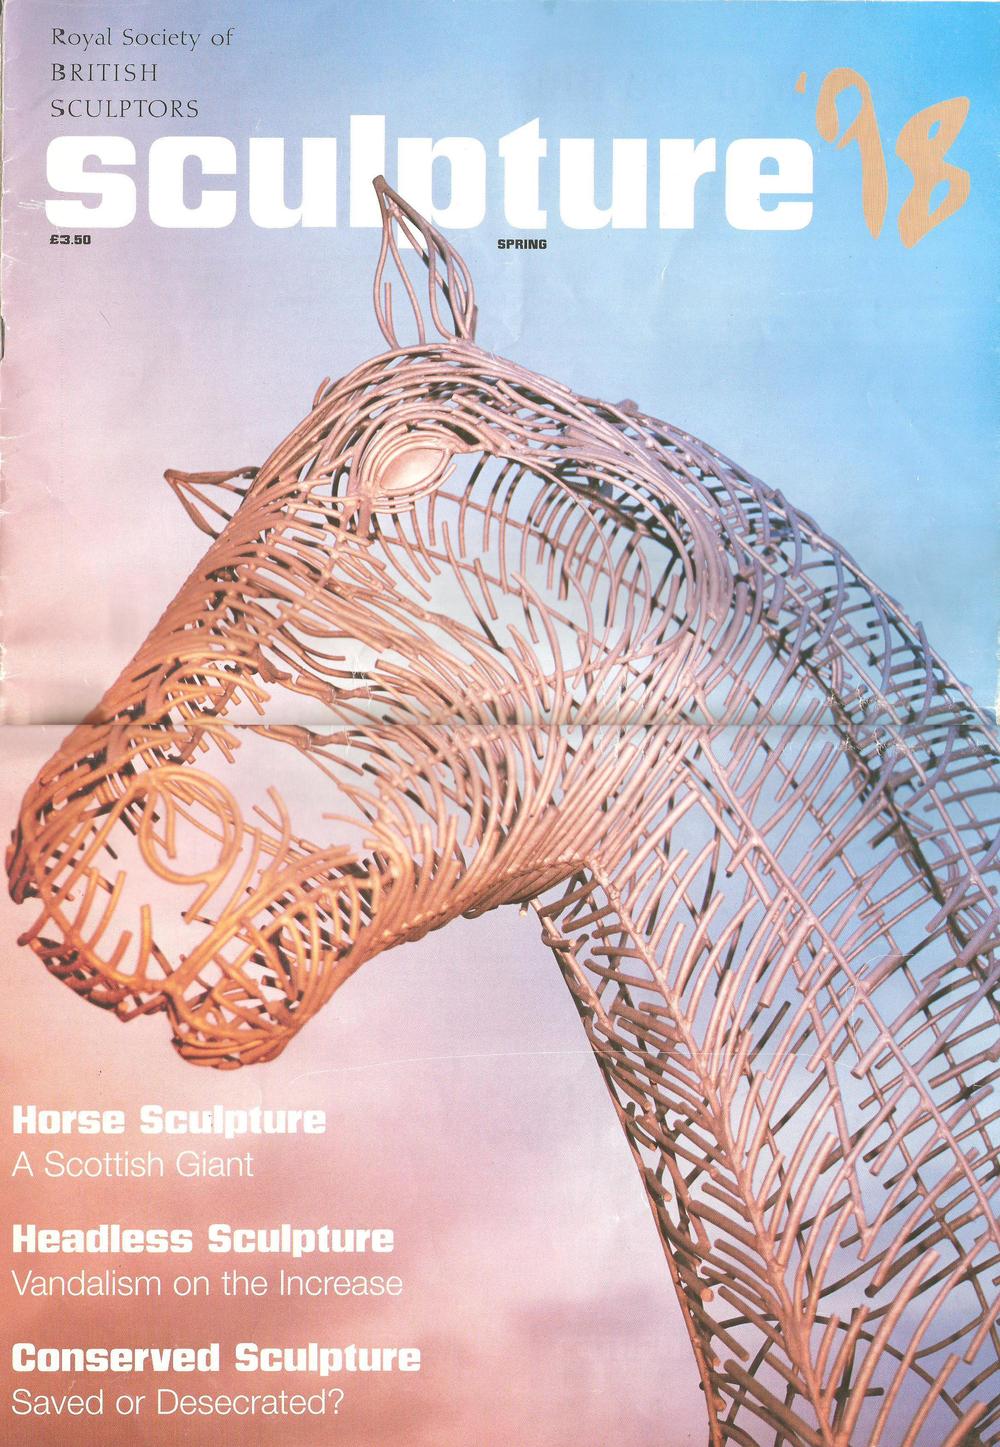 Sculpture spring issue 1998 003.jpg